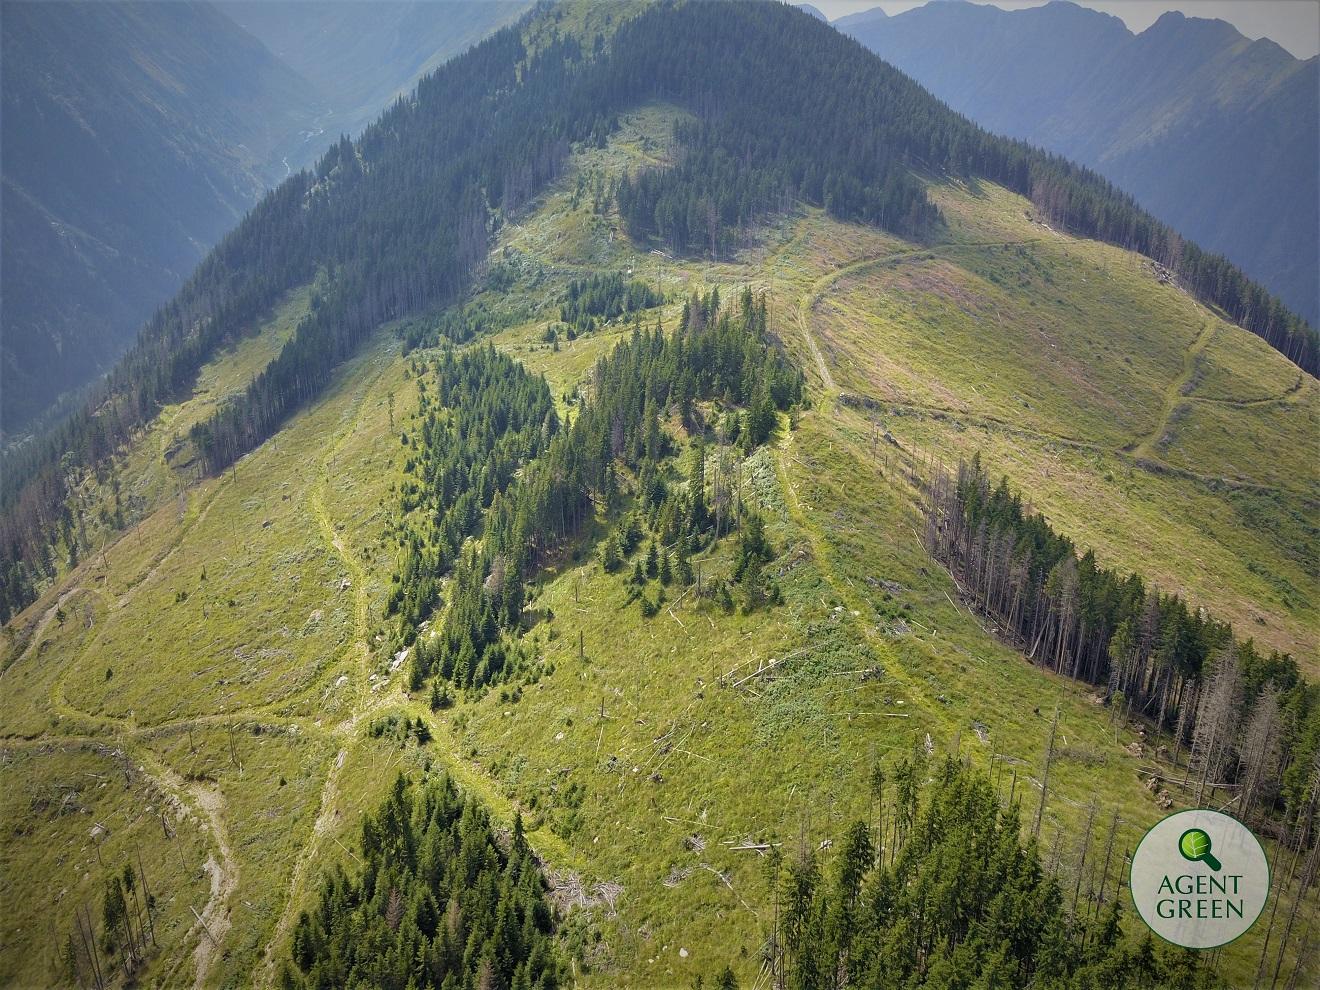 Környezetvédő szervezetek Brüsszeltől remélnek védelmet a román erdőknek